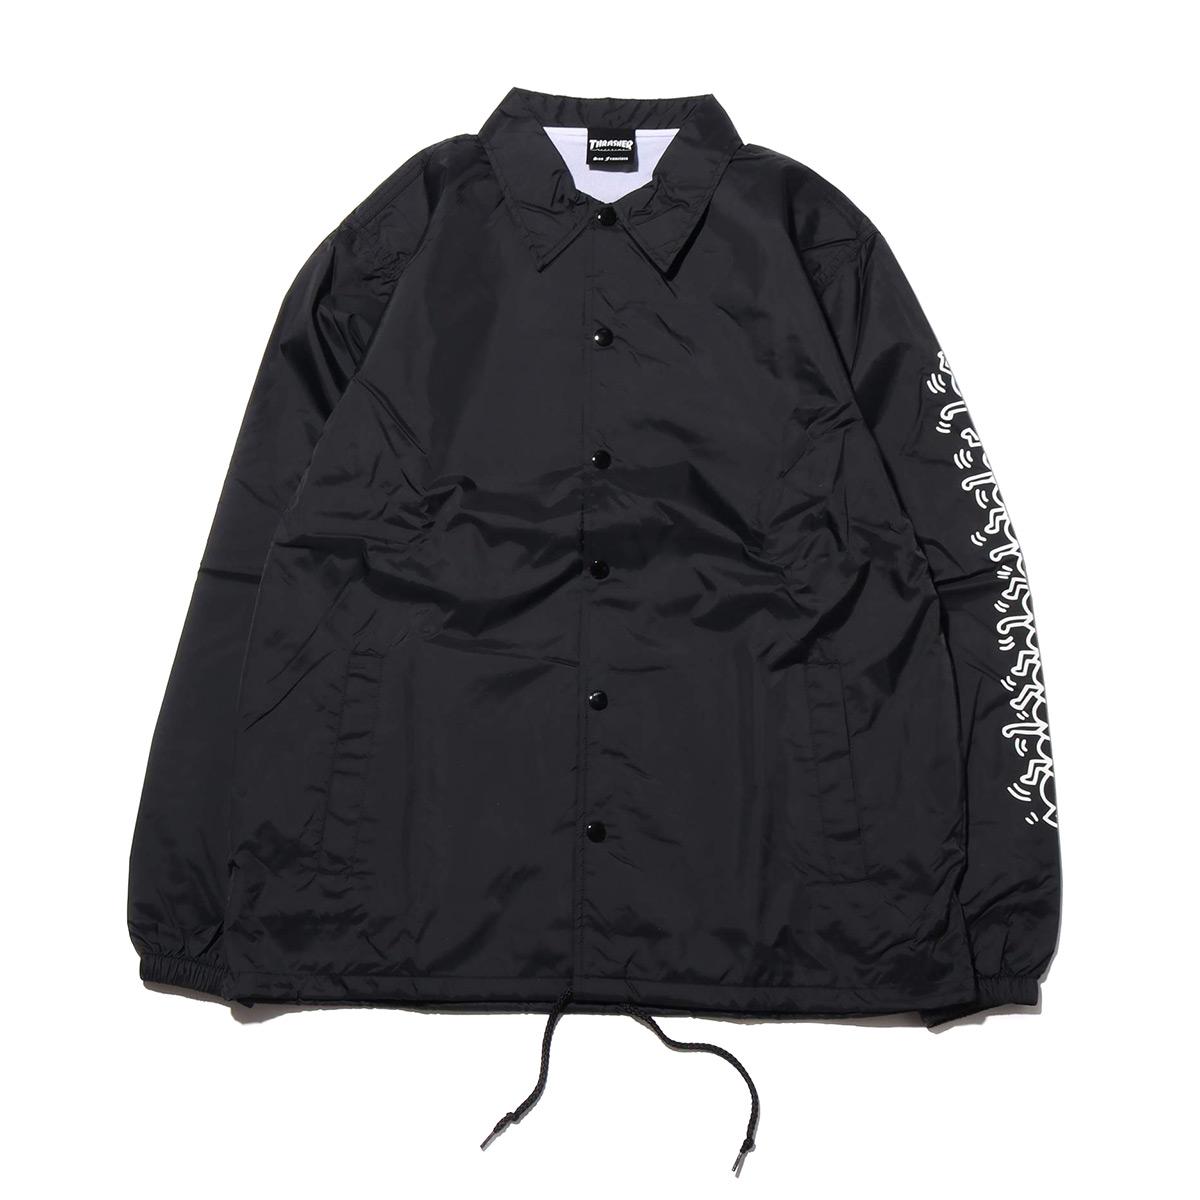 THRASHER x Keith Haring Coach Jacket (スラッシャー キースへリング コーチ ジャケット)BLACK【メンズ ジャケット】18FW-I